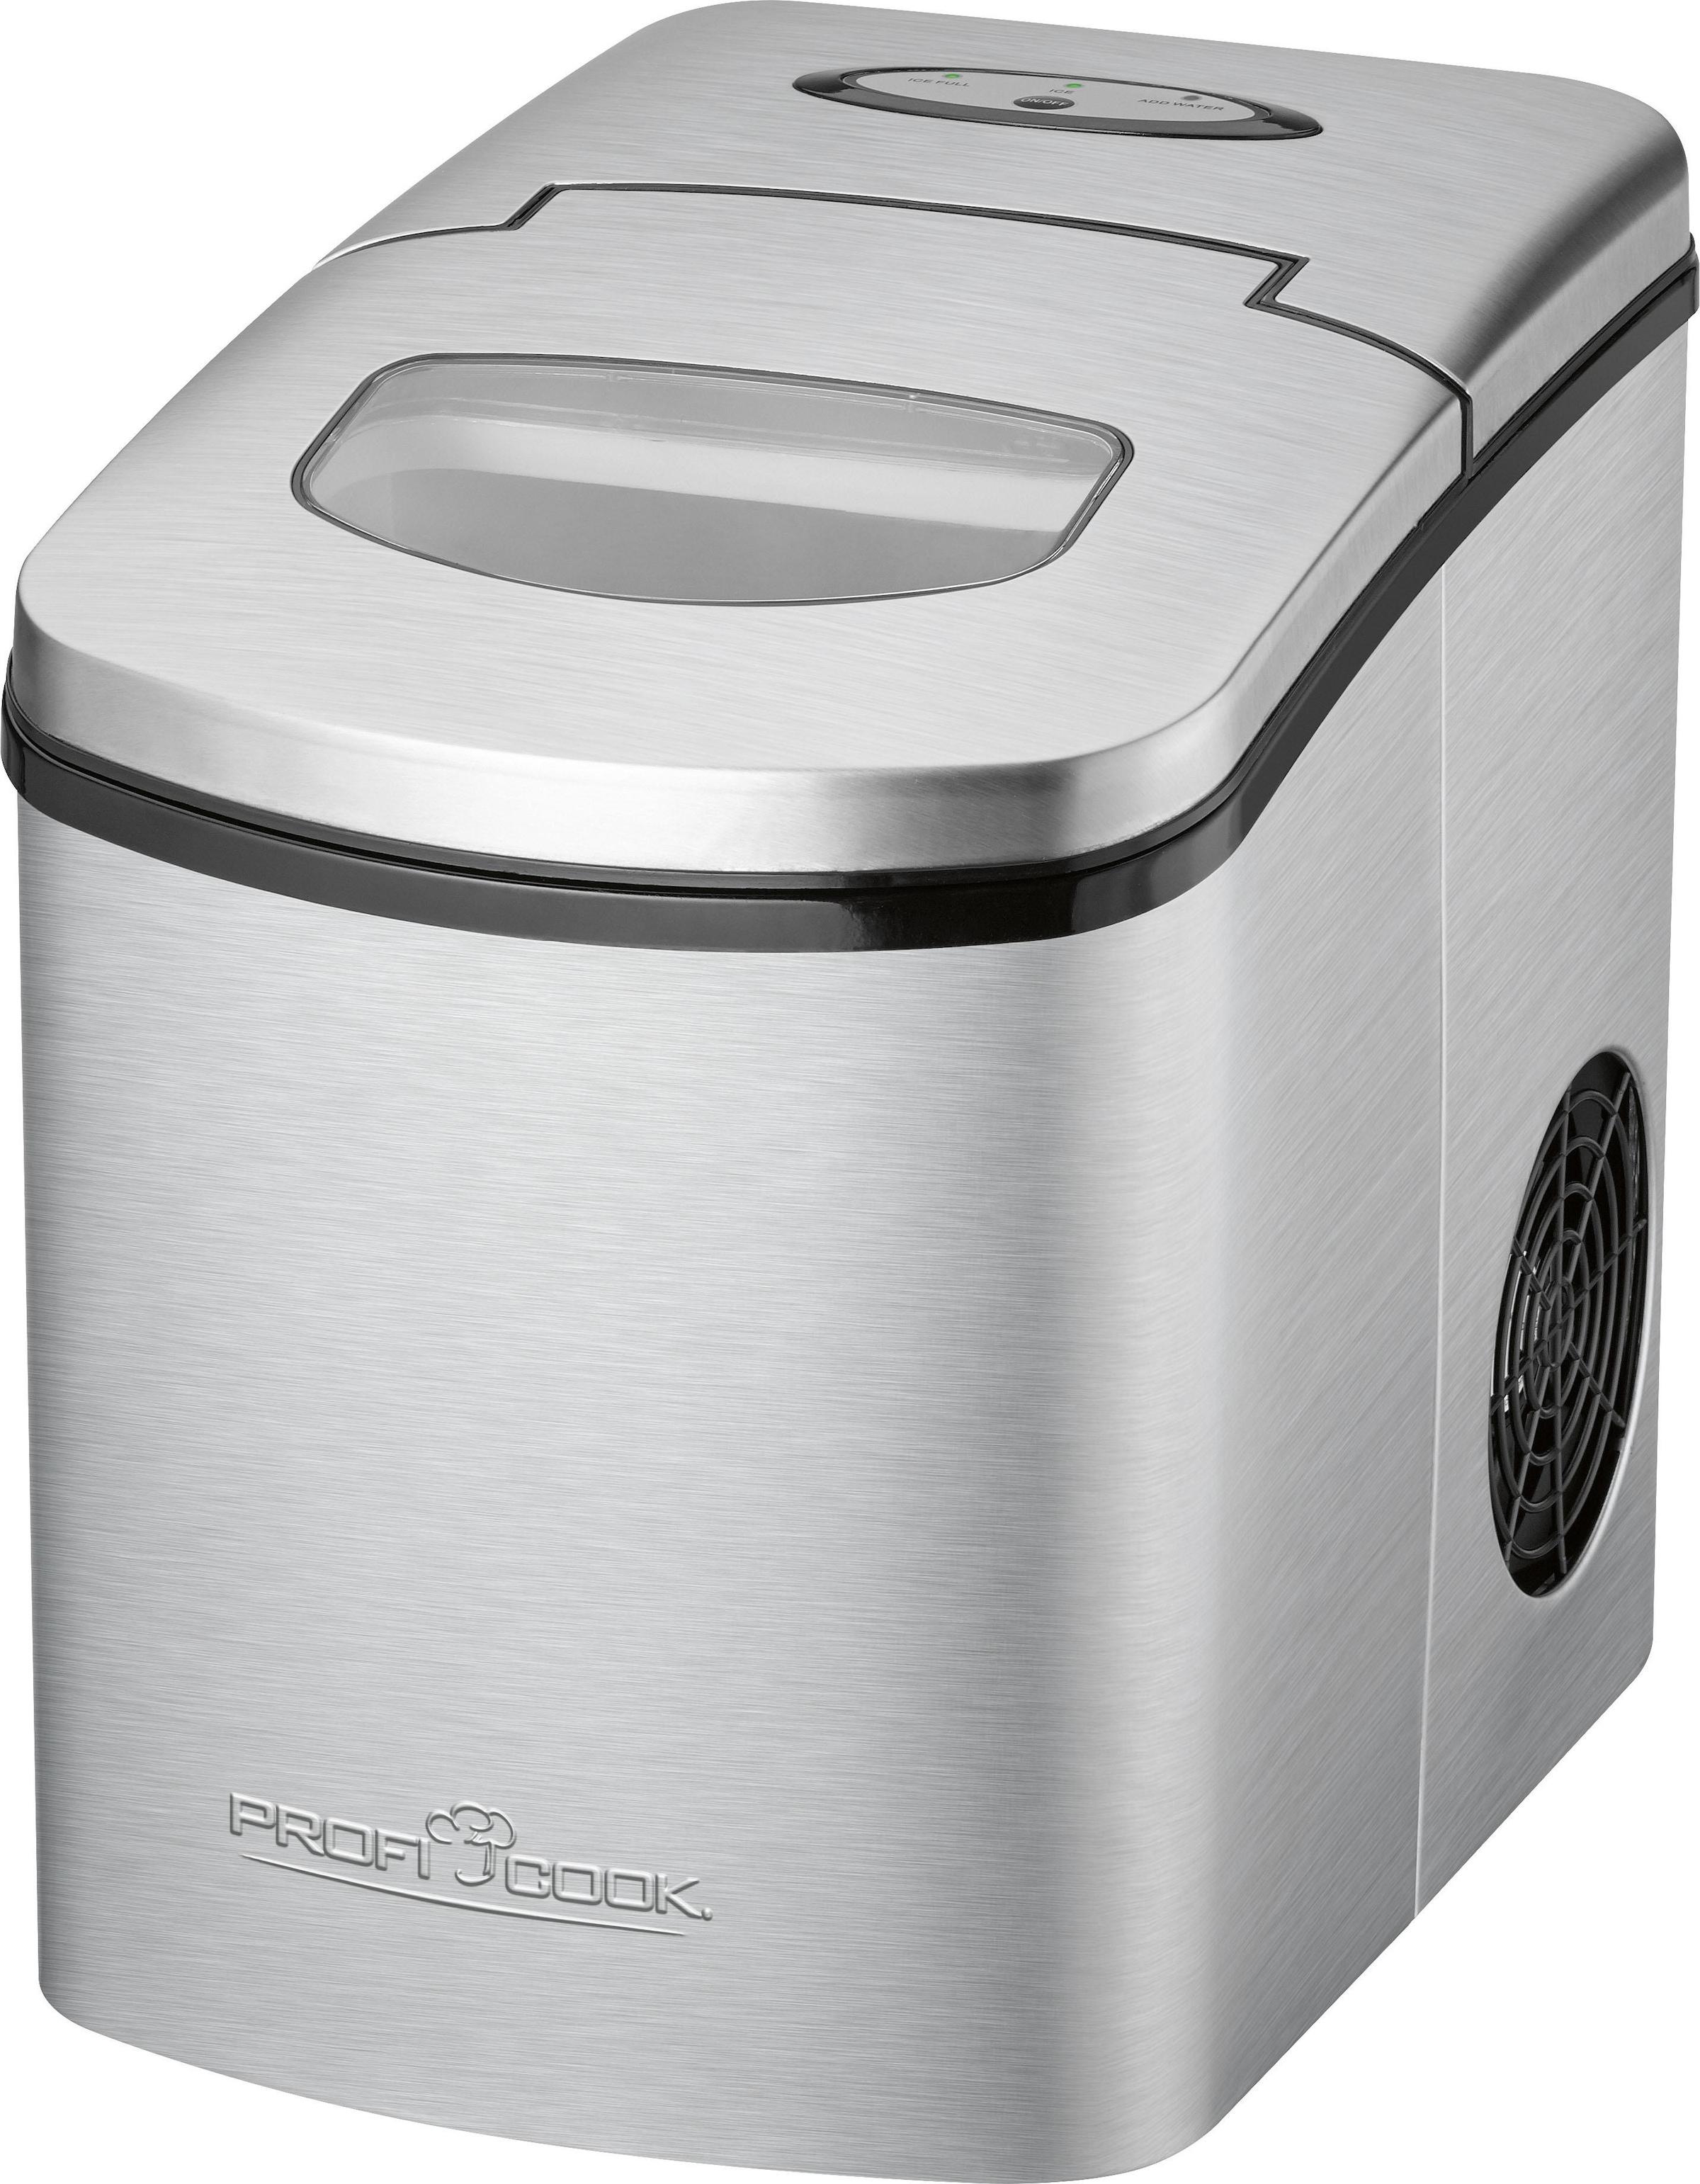 GORILLAR Profiset zur Felgenreinigung G1905008 Auto-Reinigungsset mit Anti-Schmutz-Dose